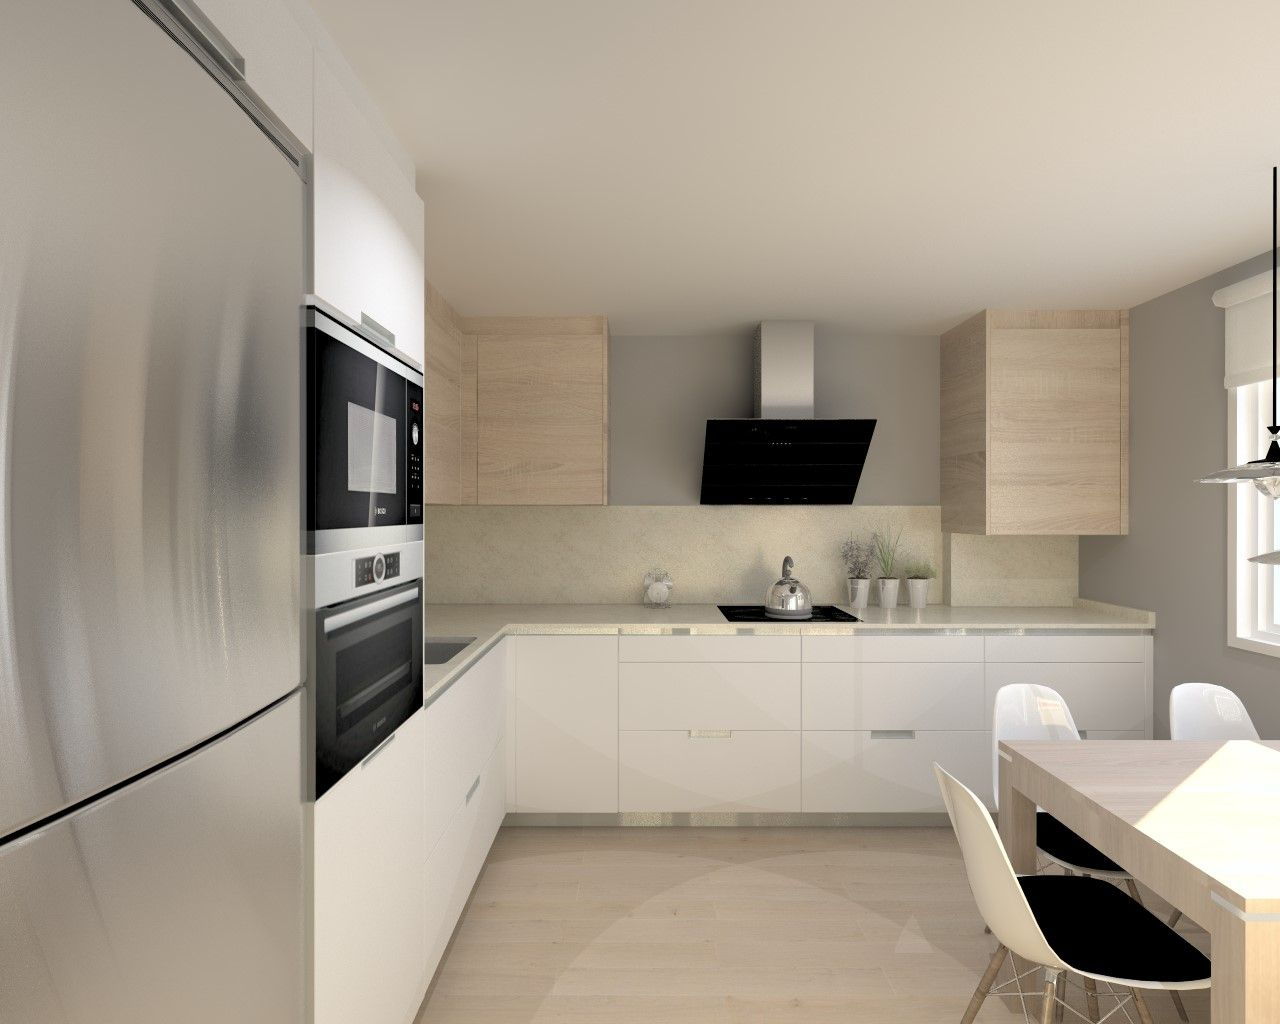 Cocina santos modelo minos l blanco seda encimera granito for Modelos de cocinas en l